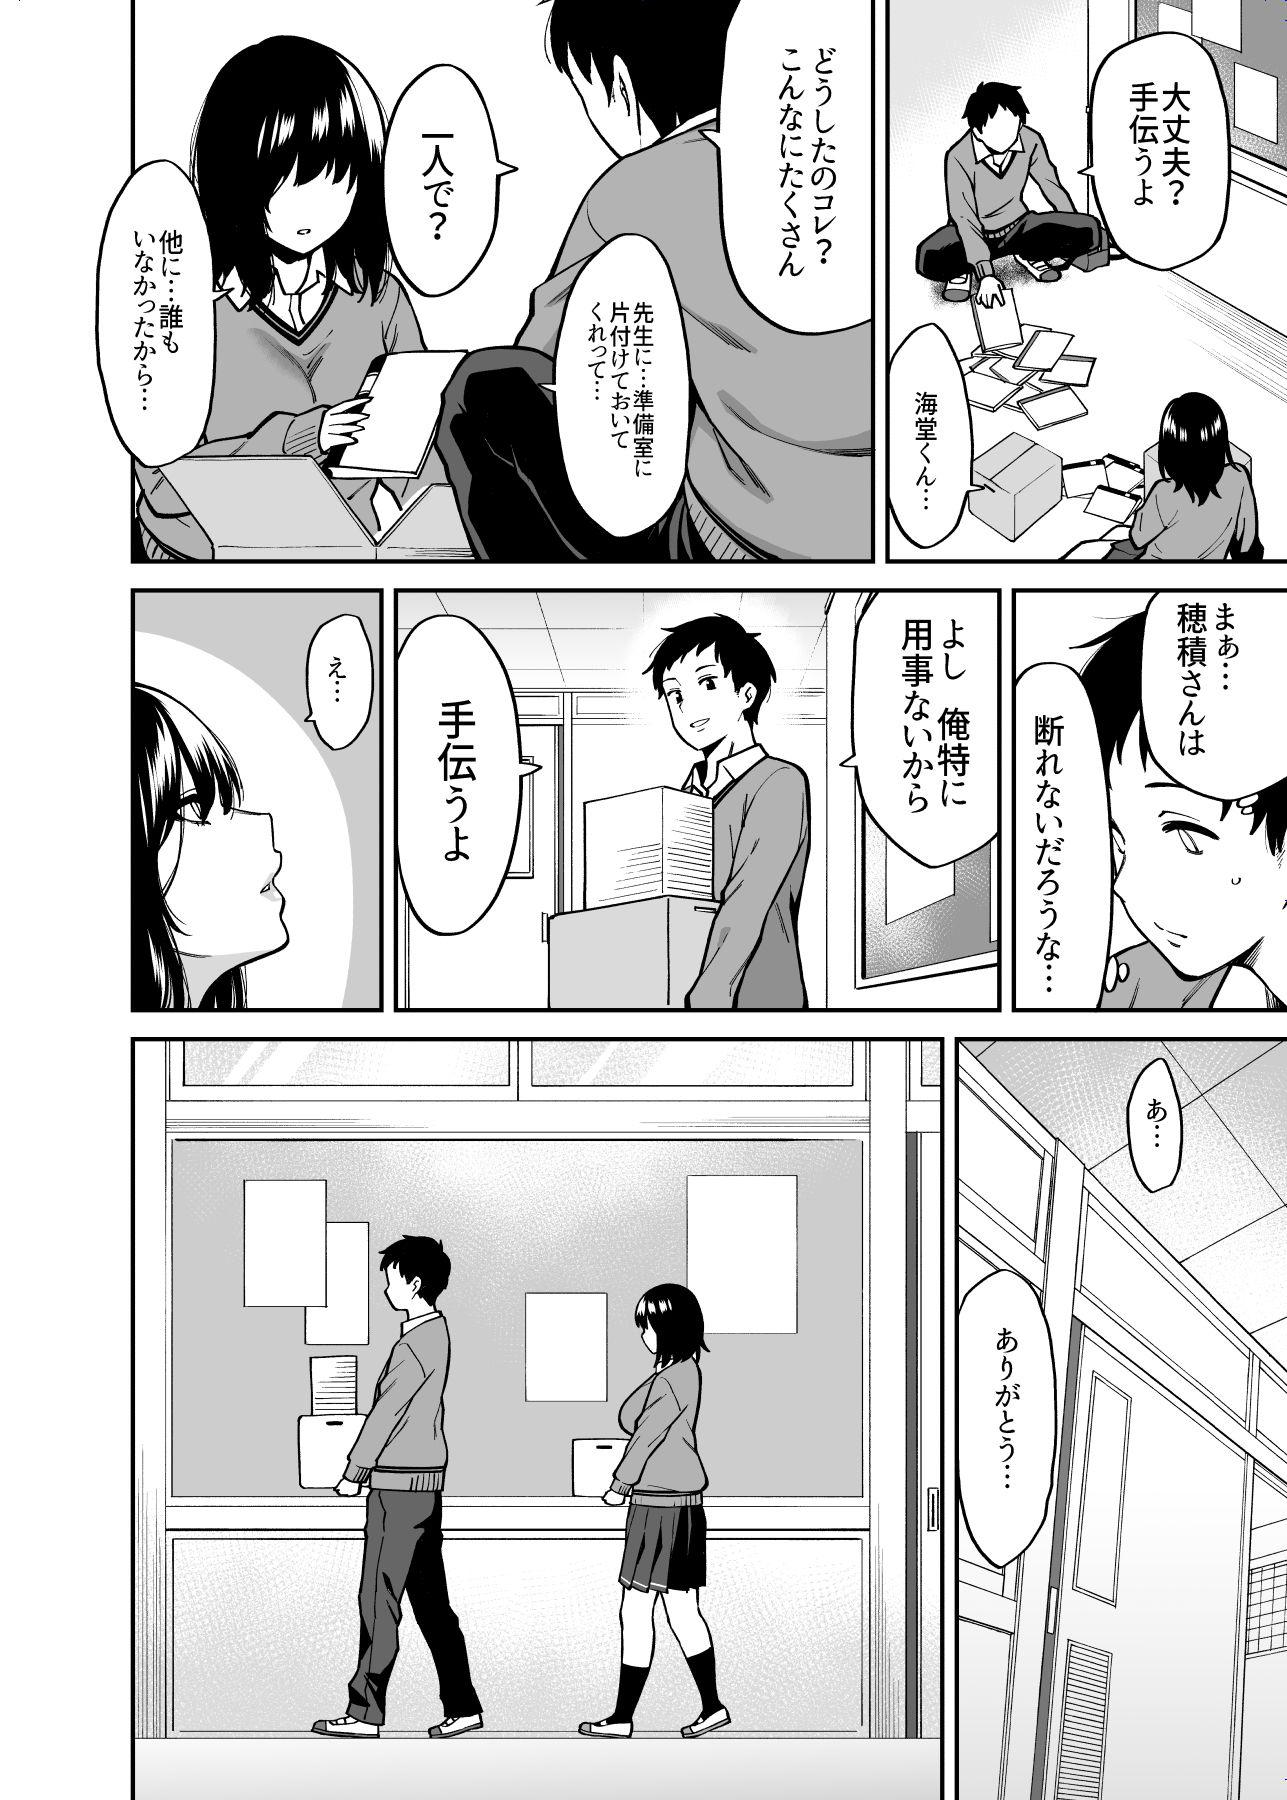 https://www.dmm.co.jp/dc/doujin/-/detail/=/cid=d_181143/